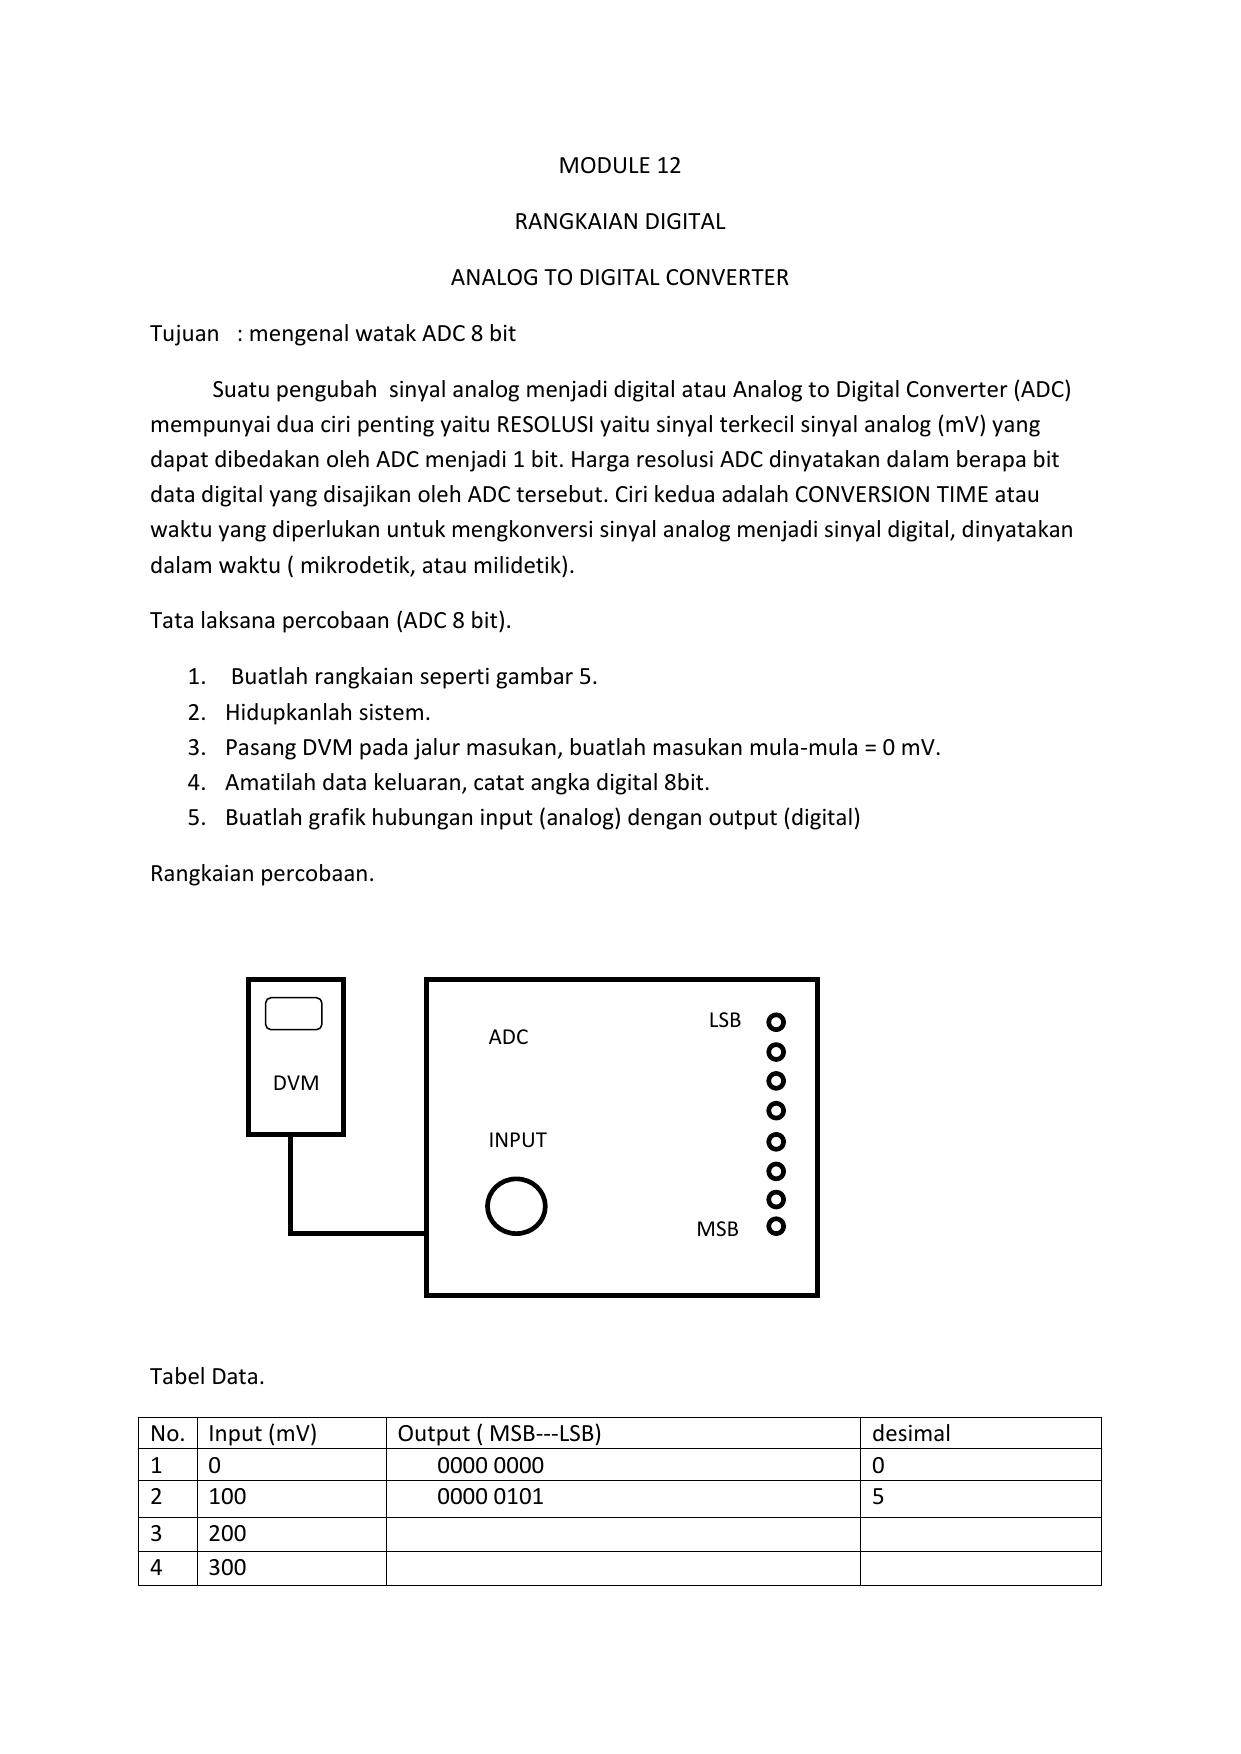 Module 12 Rangkaian Digital Analog To Digital